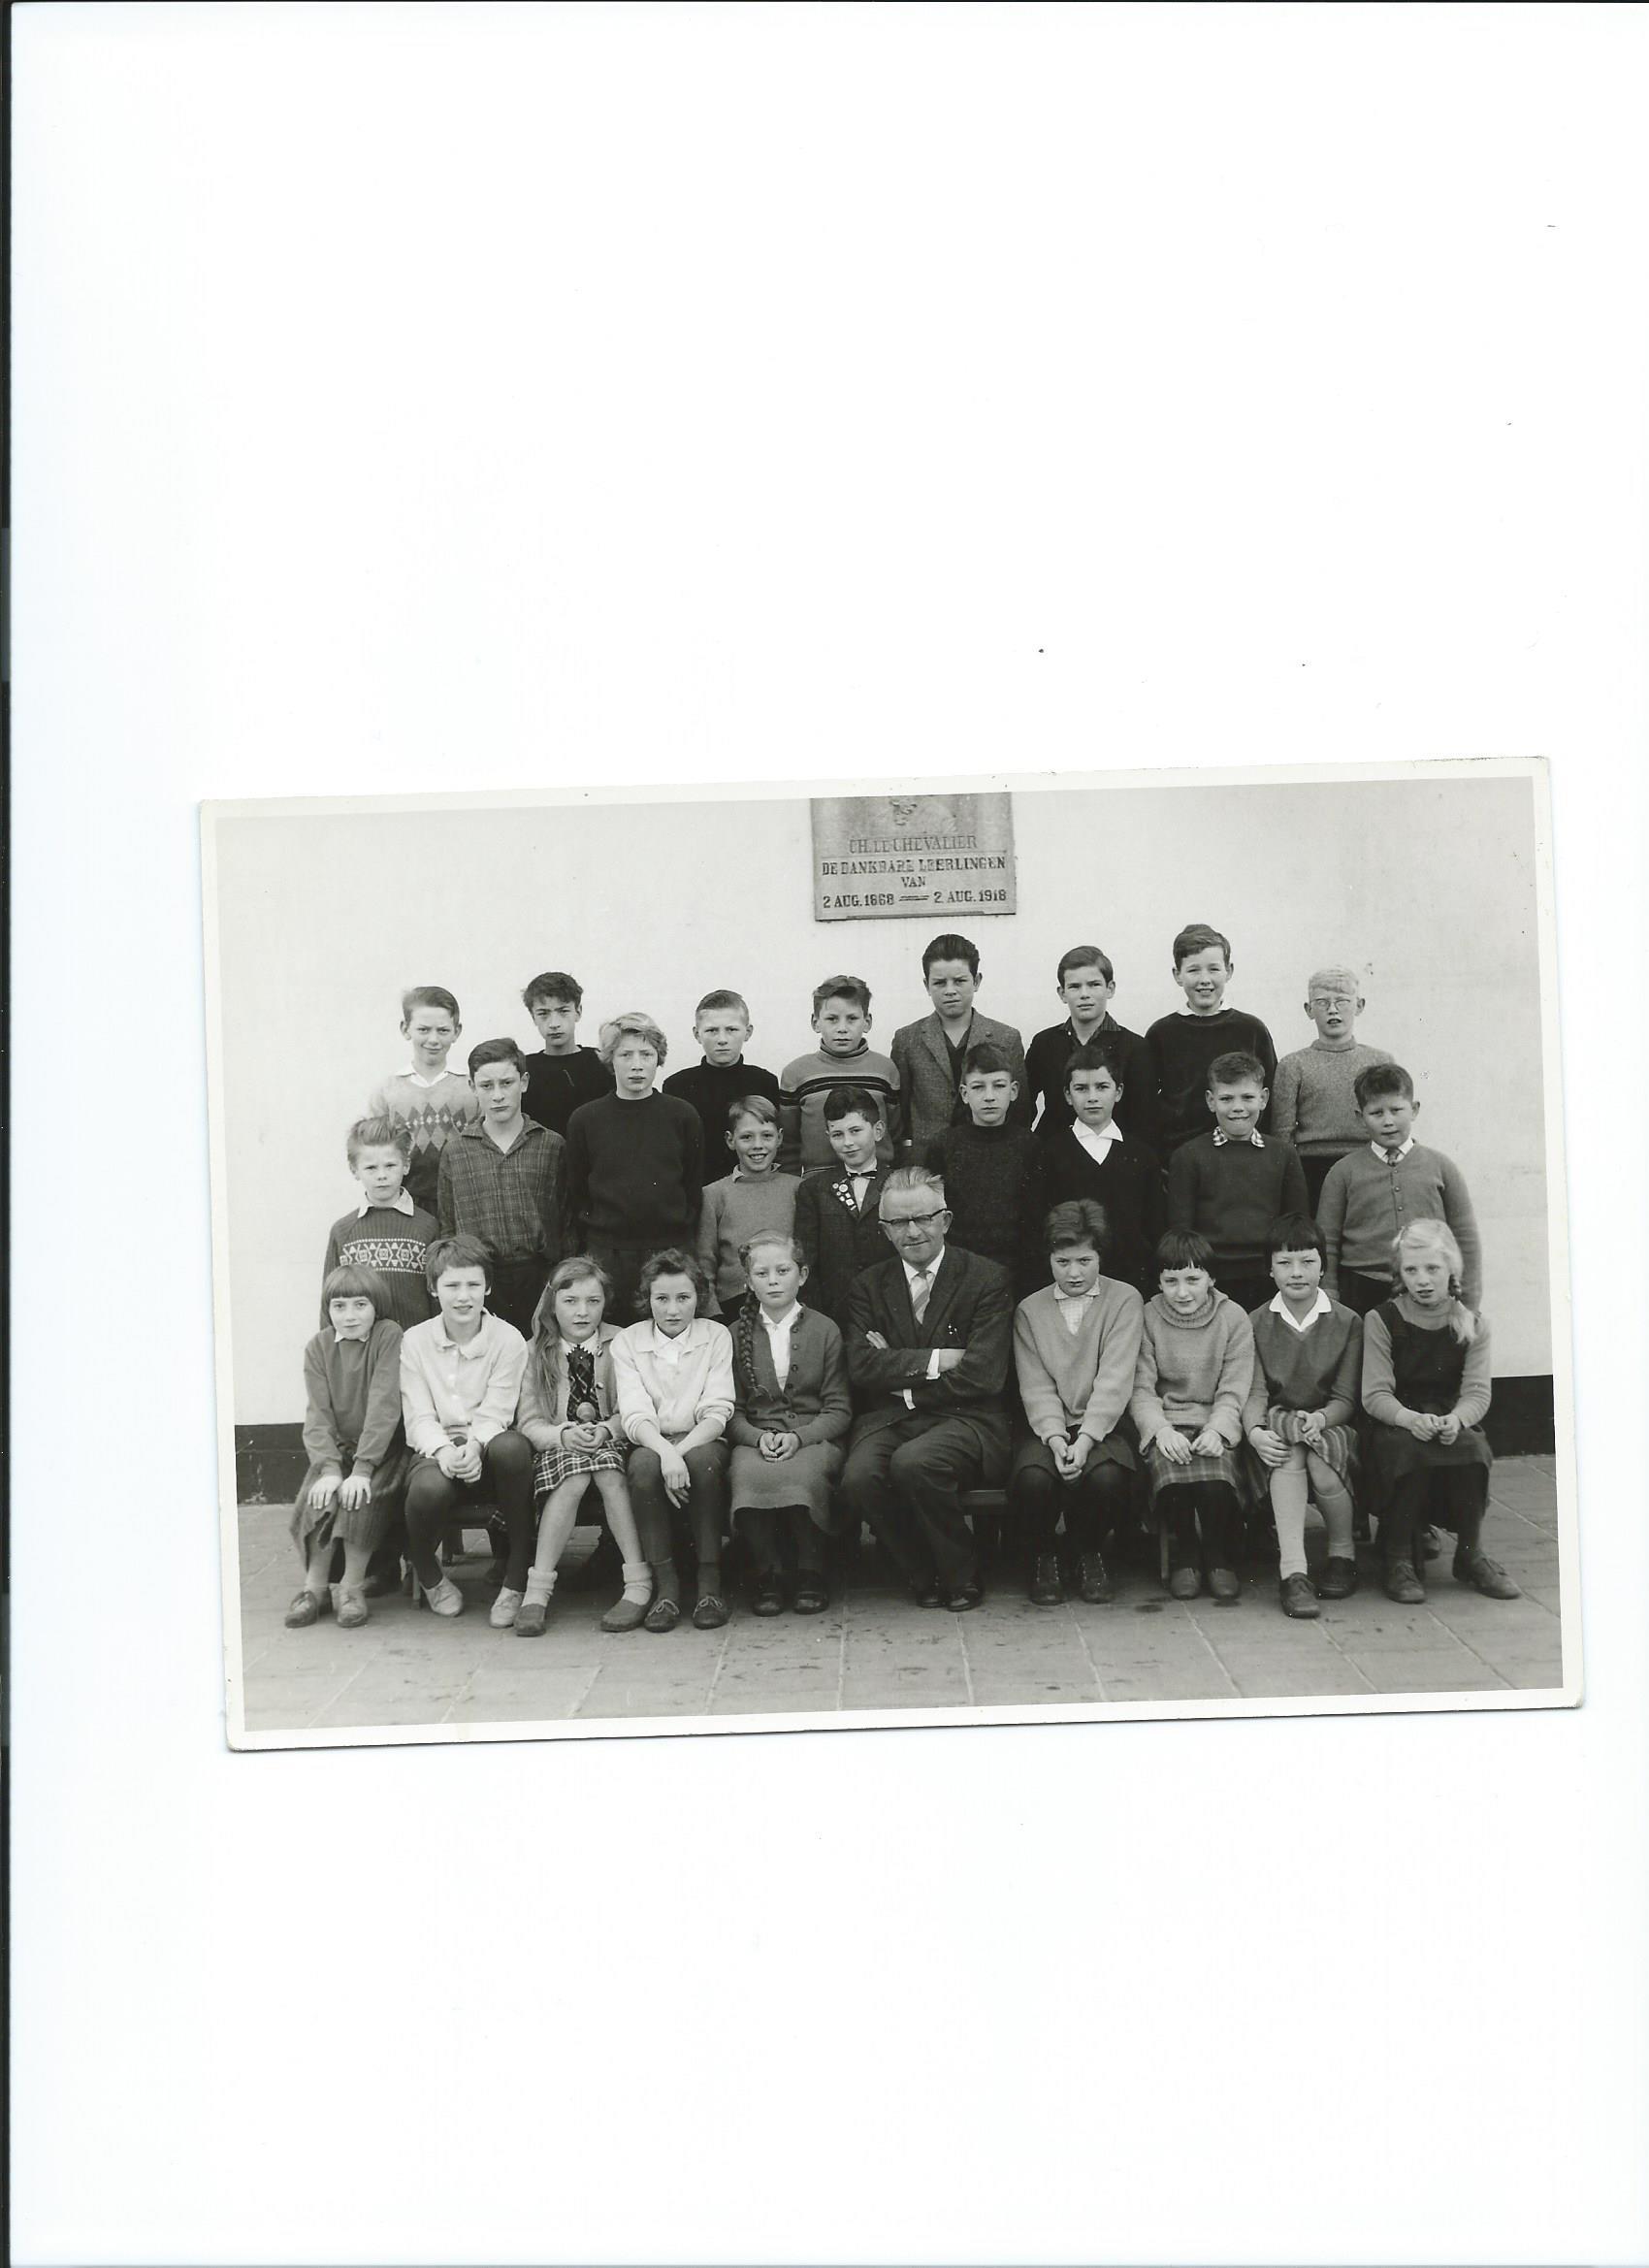 Le Chevalier School foto